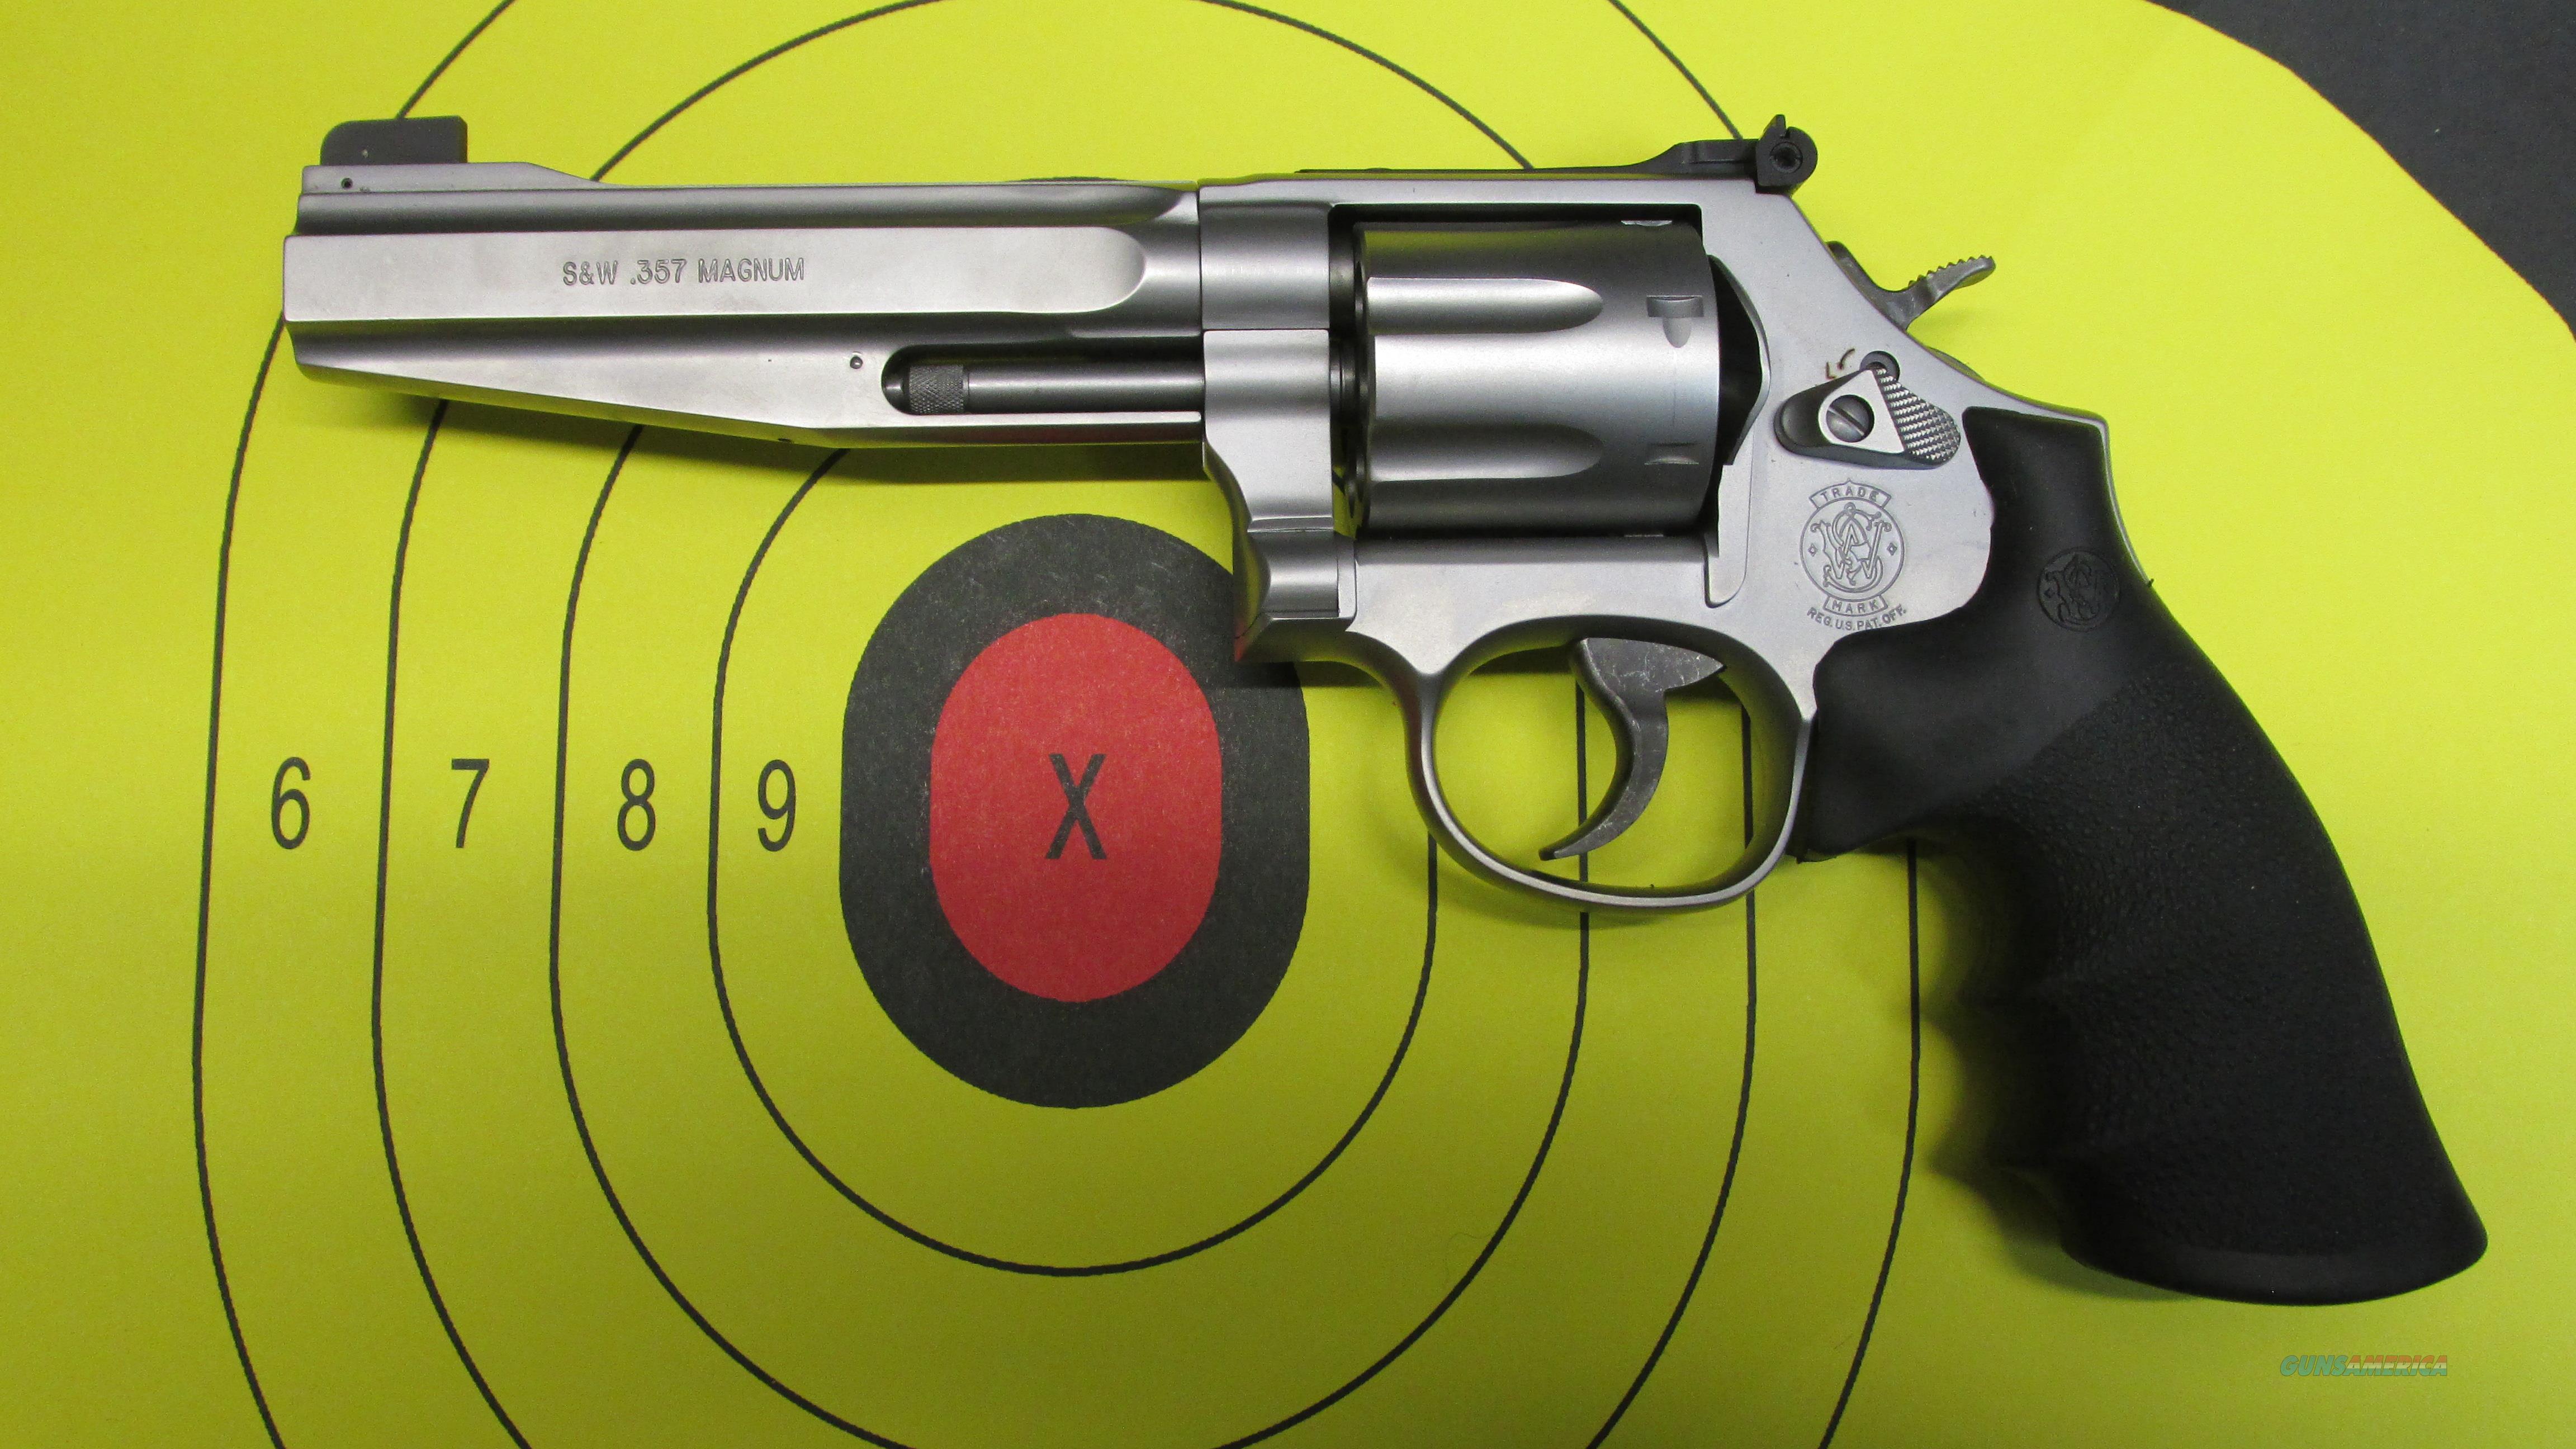 SMITH & WESSON 686 PLUS 7 SHOT REVOLVER  Guns > Pistols > Smith & Wesson Revolvers > Full Frame Revolver